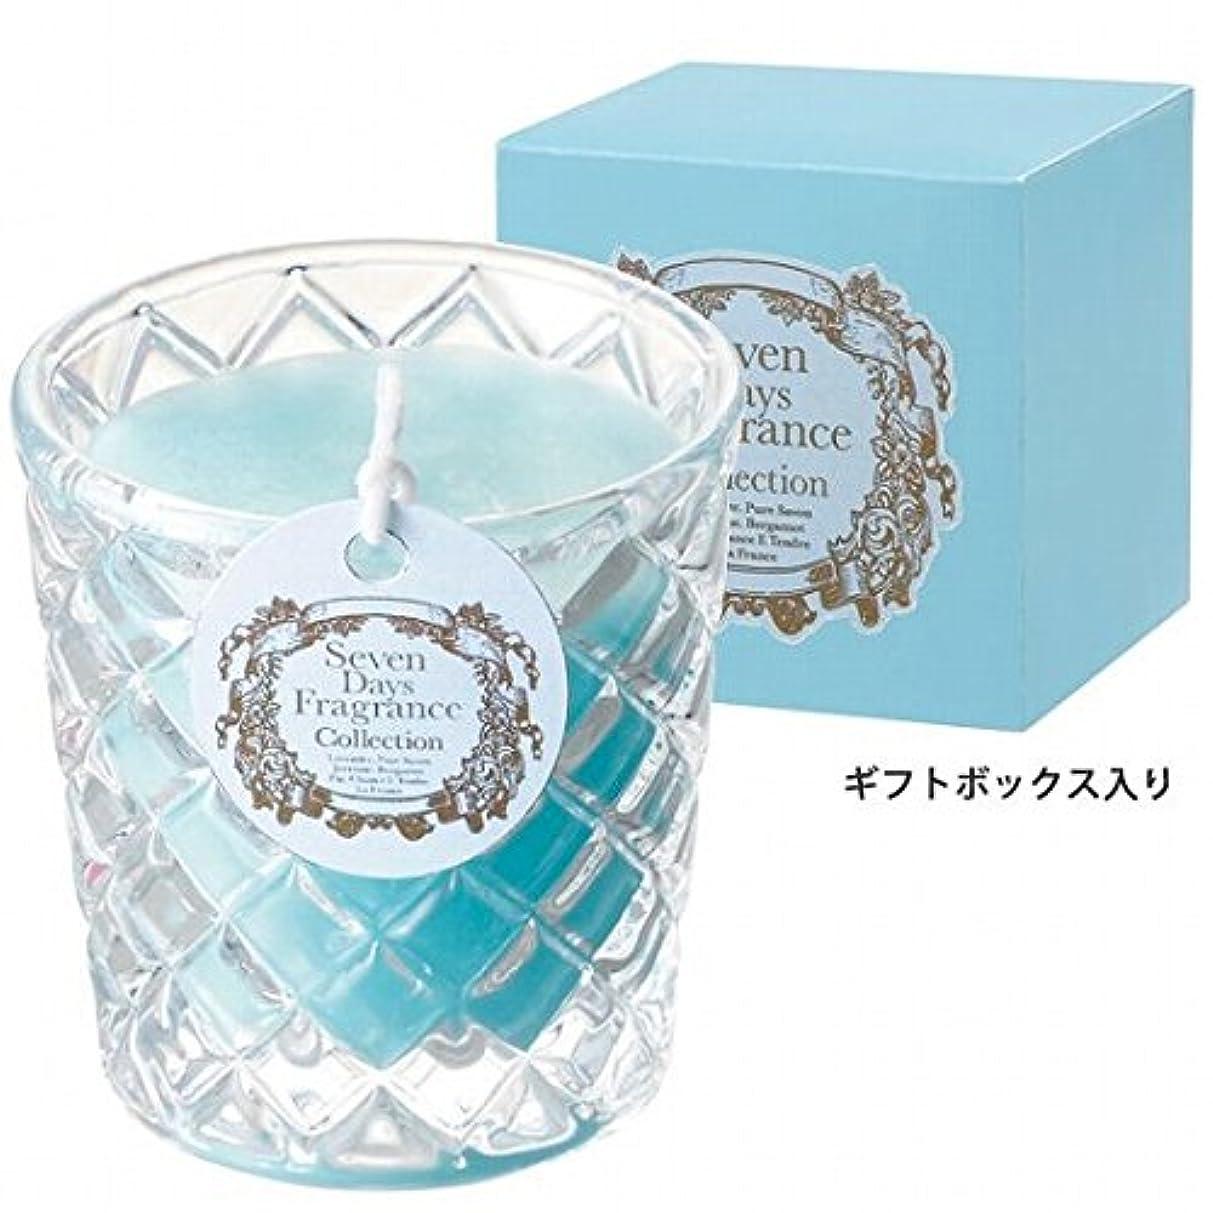 シマウマ火山のレンダリングカメヤマキャンドル(kameyama candle) セブンデイズグラスキャンドル(月曜日) 「 ピュアサボン 」